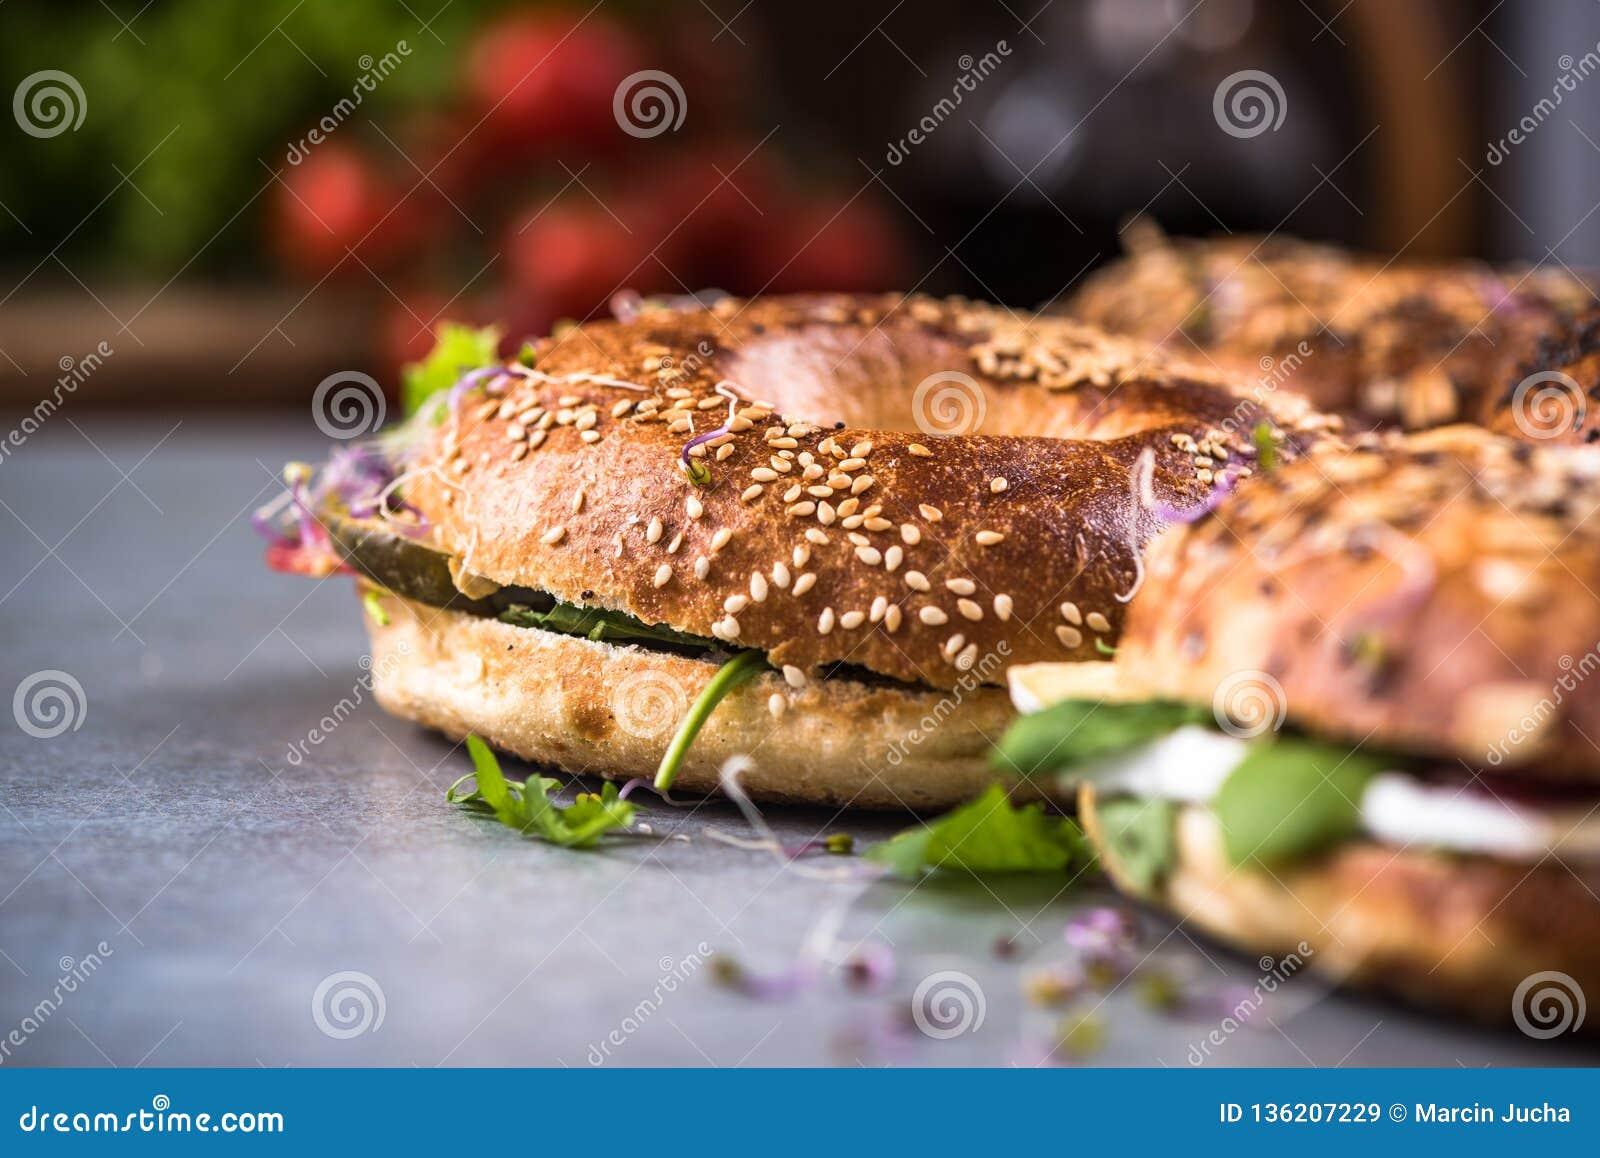 Comer saudável, bagels caseiros, fecha-se acima da vista